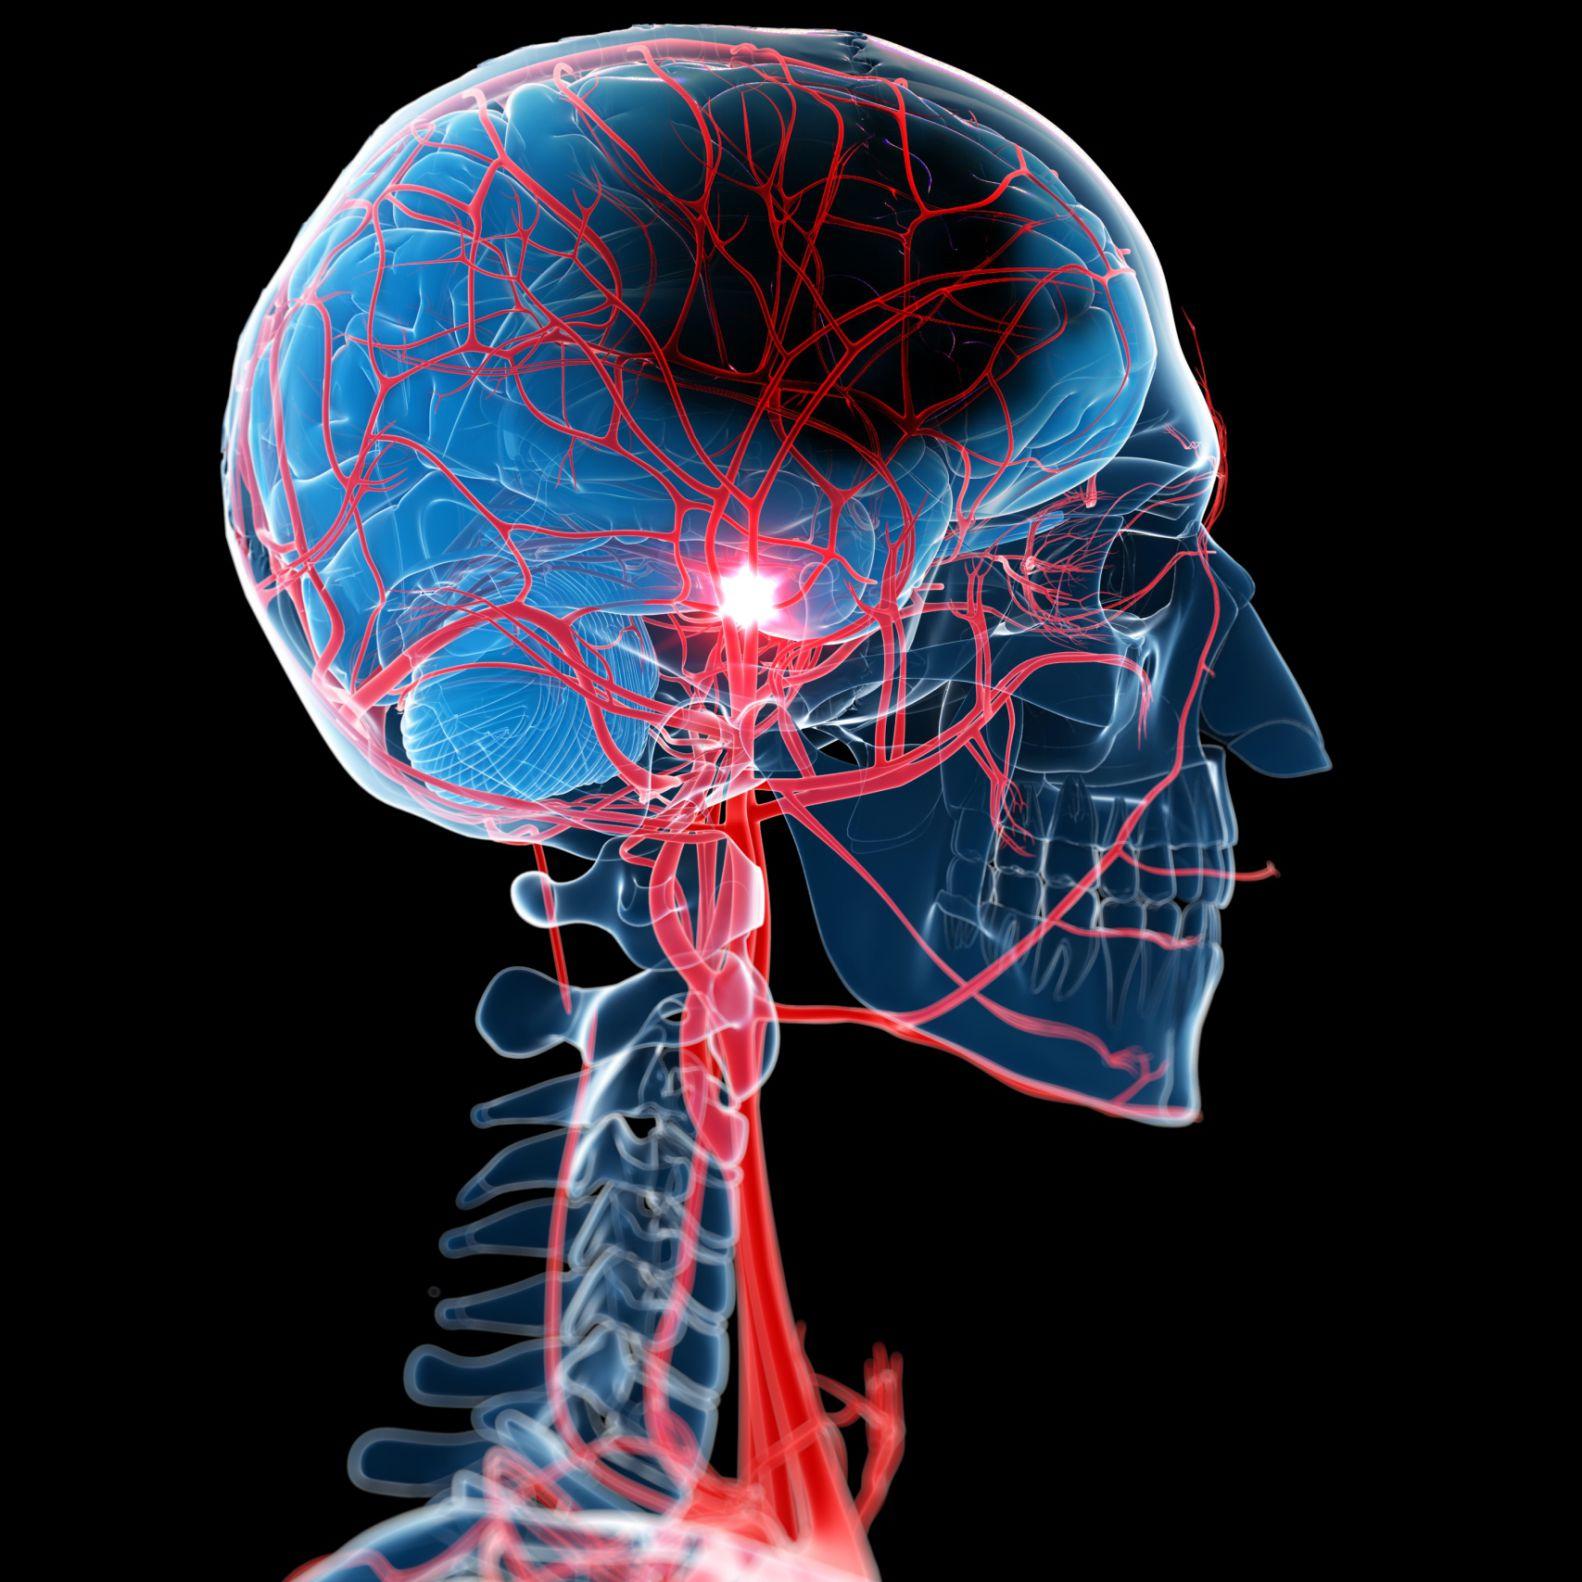 Sube la presión arterial cuando tiene un derrame cerebral